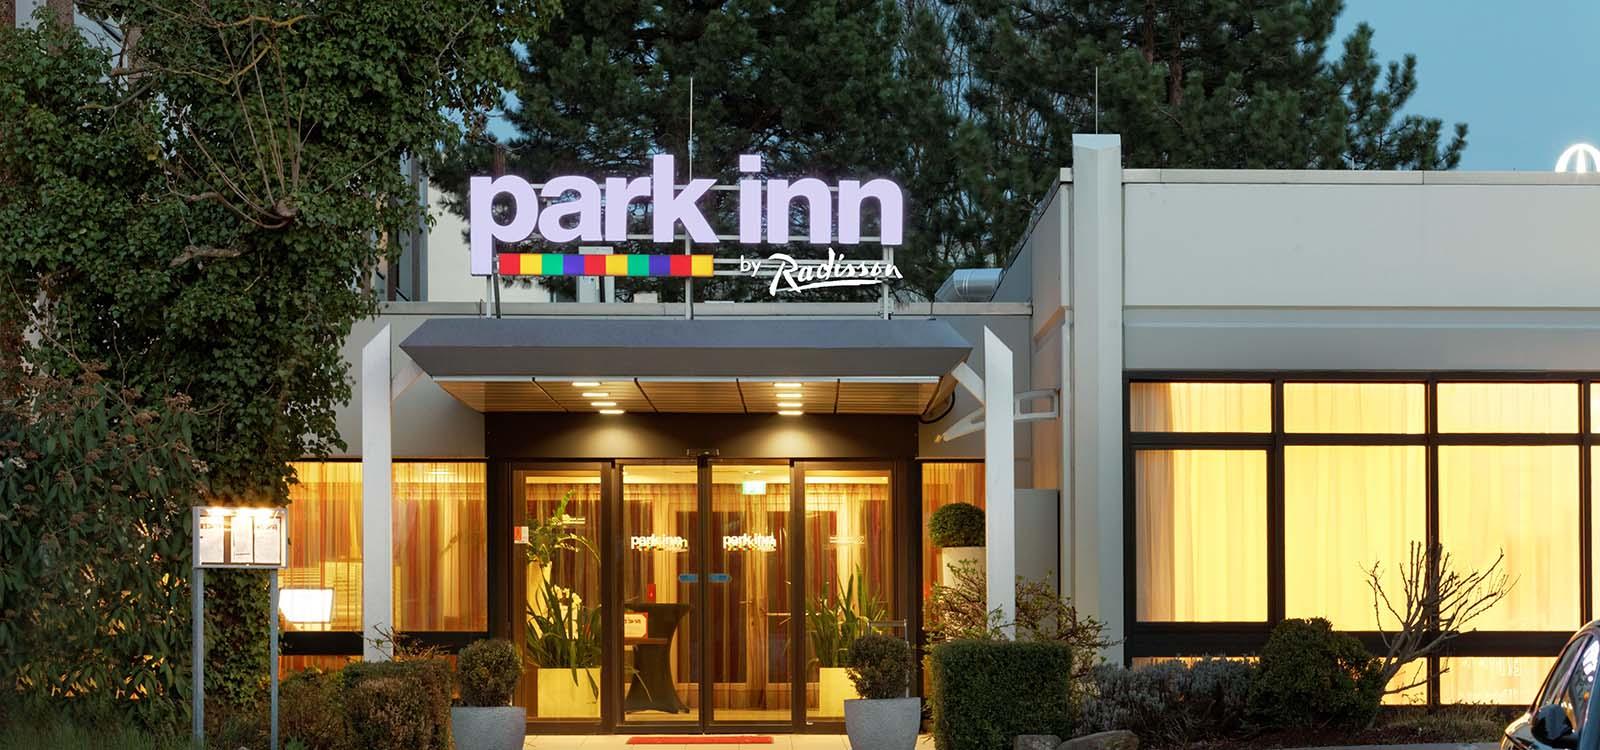 Park Inn Mainz